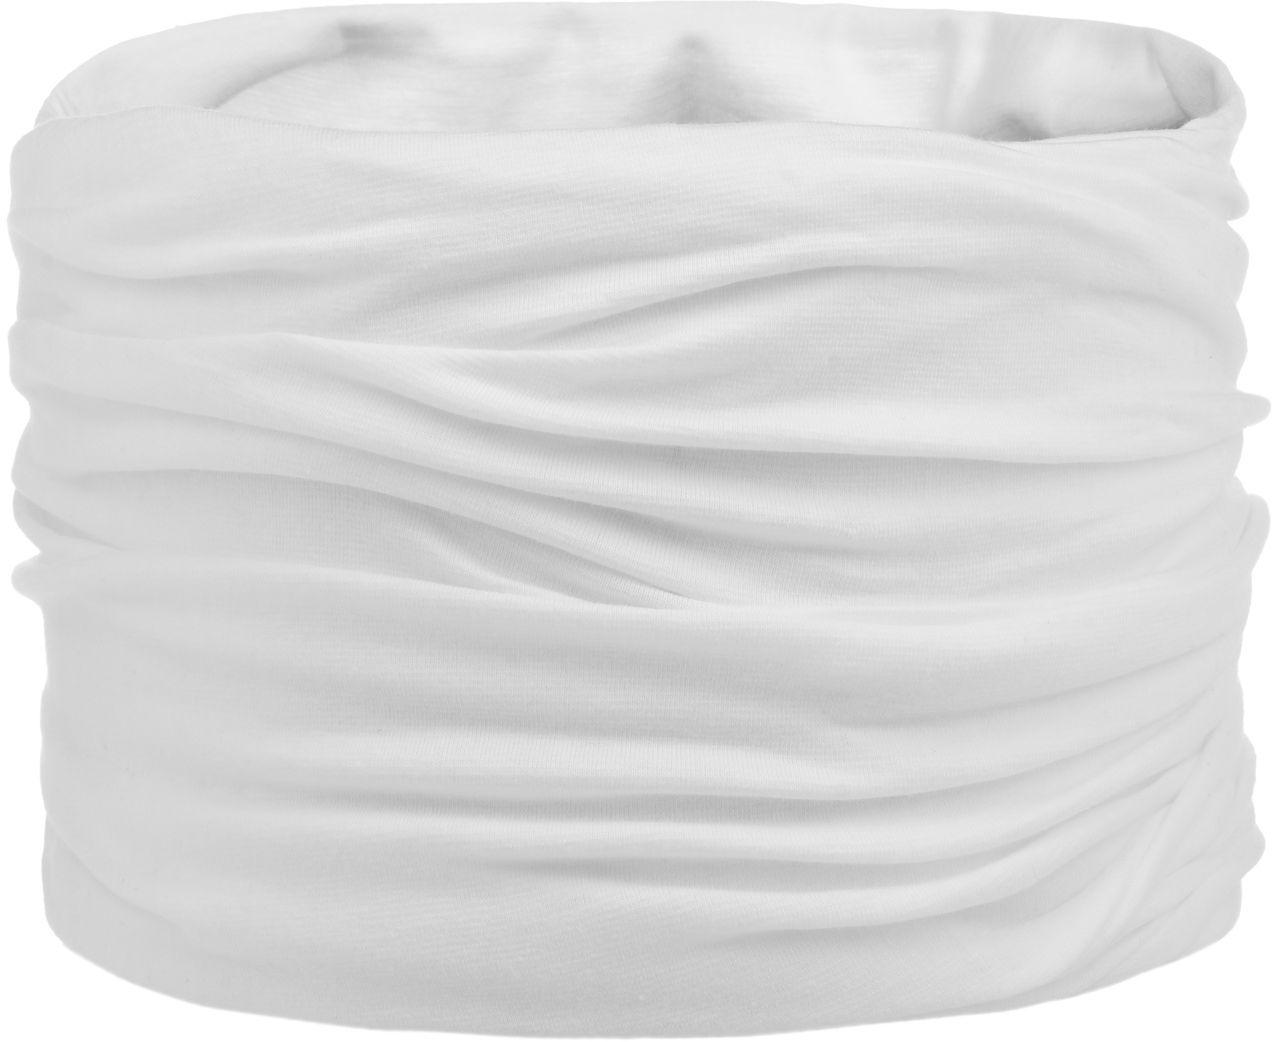 Chusta Wielofunkcyjna Jersey, biały, One Size